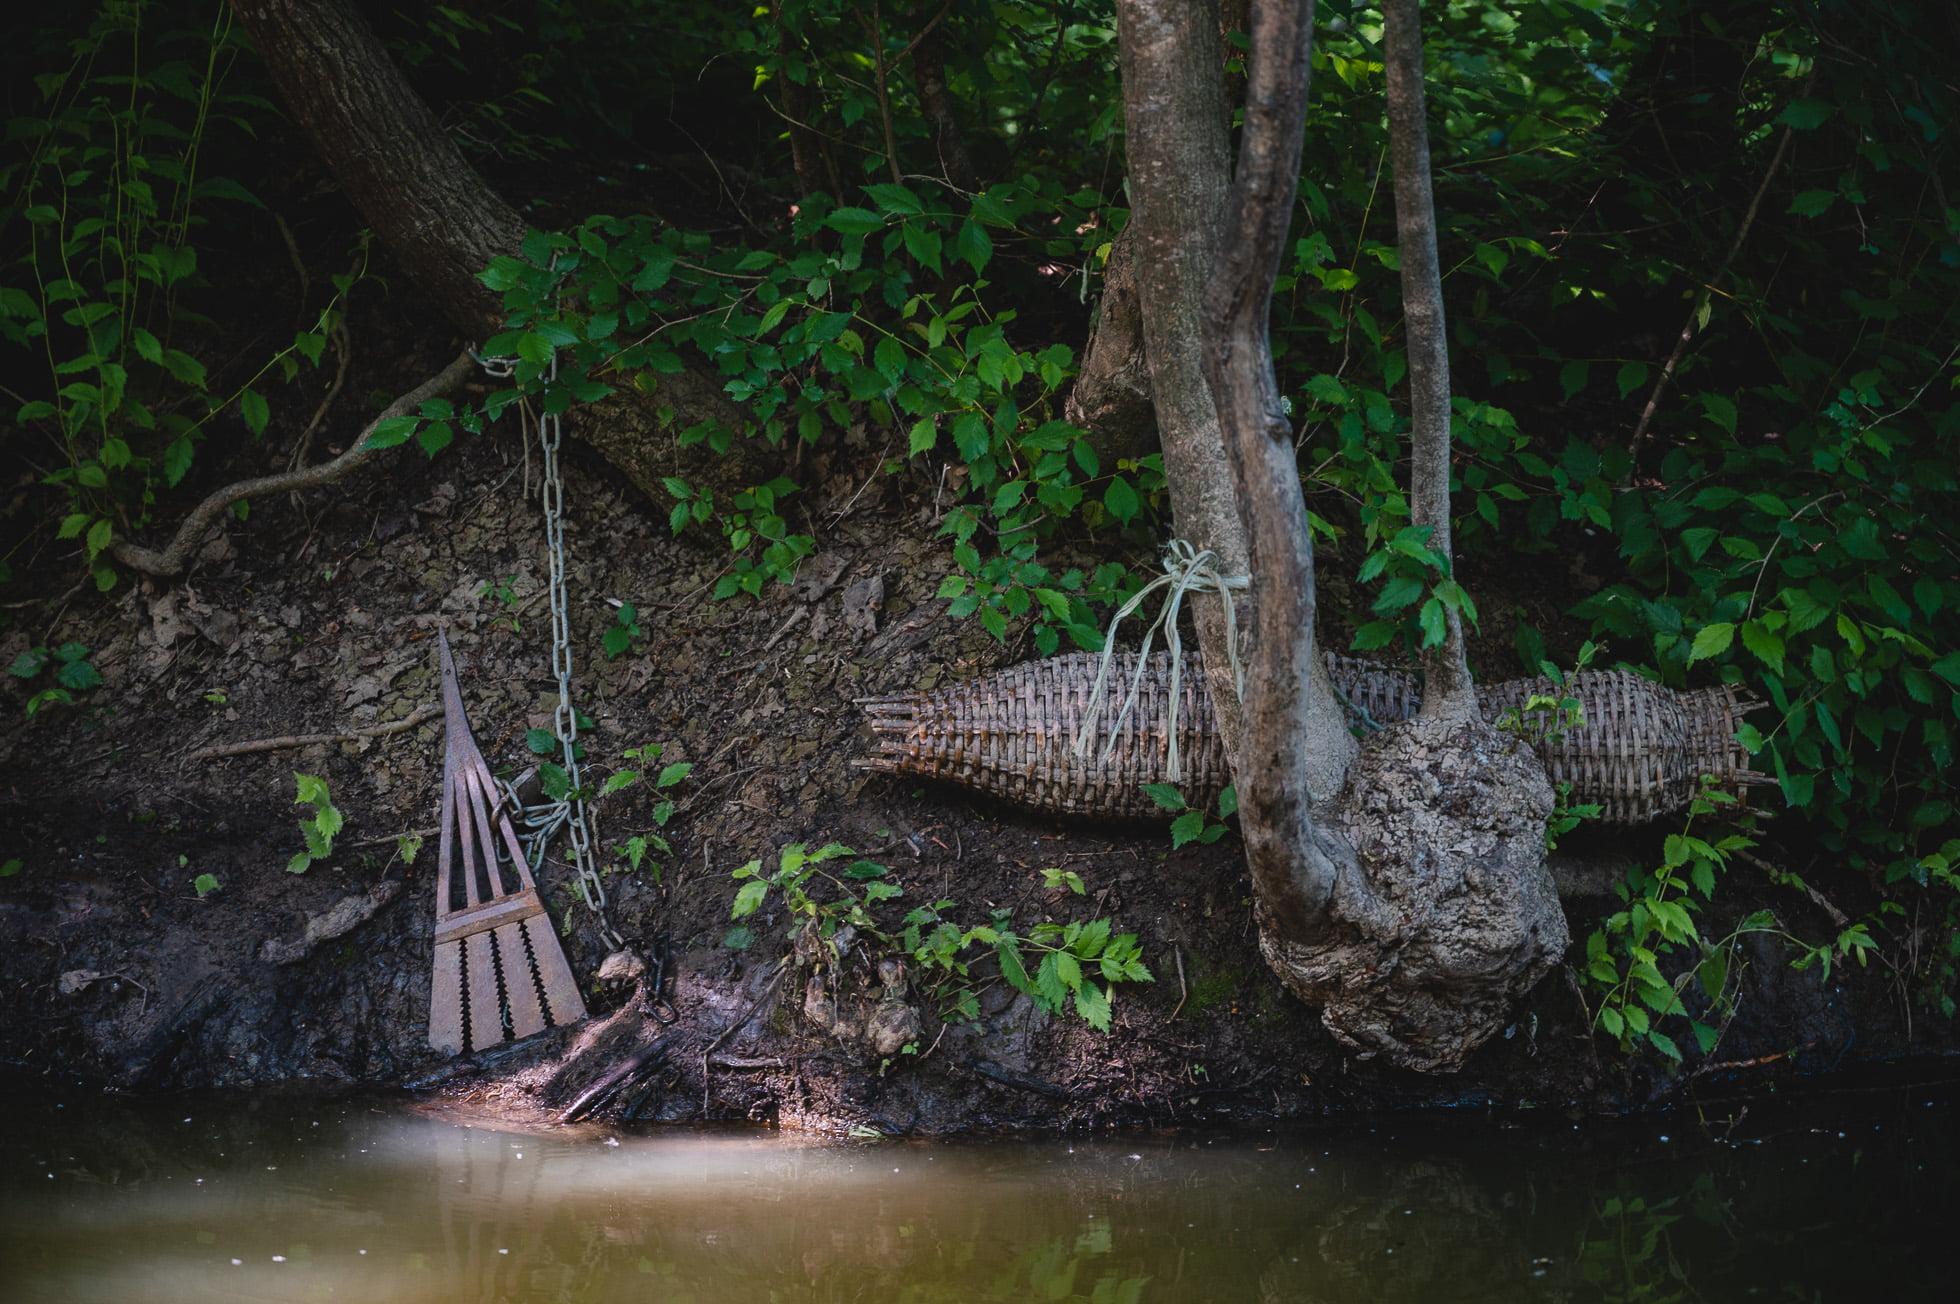 marais poitevin 8225 1 - Les globe blogueurs - blog voyage nature